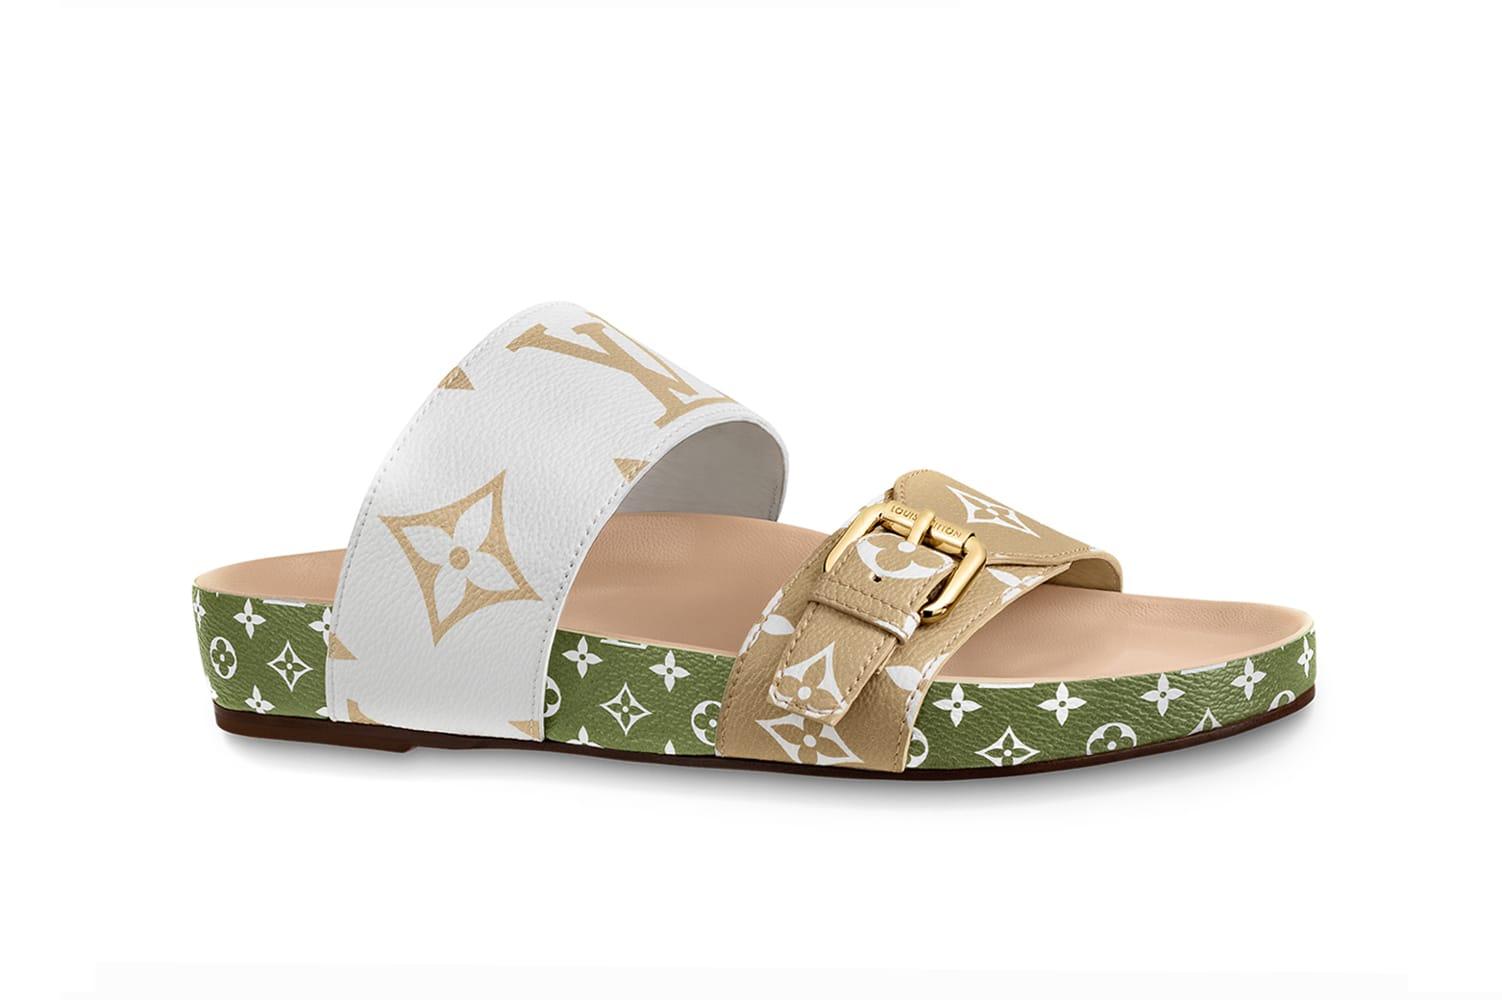 Louis Vuitton Releases Bom Dia Sandal